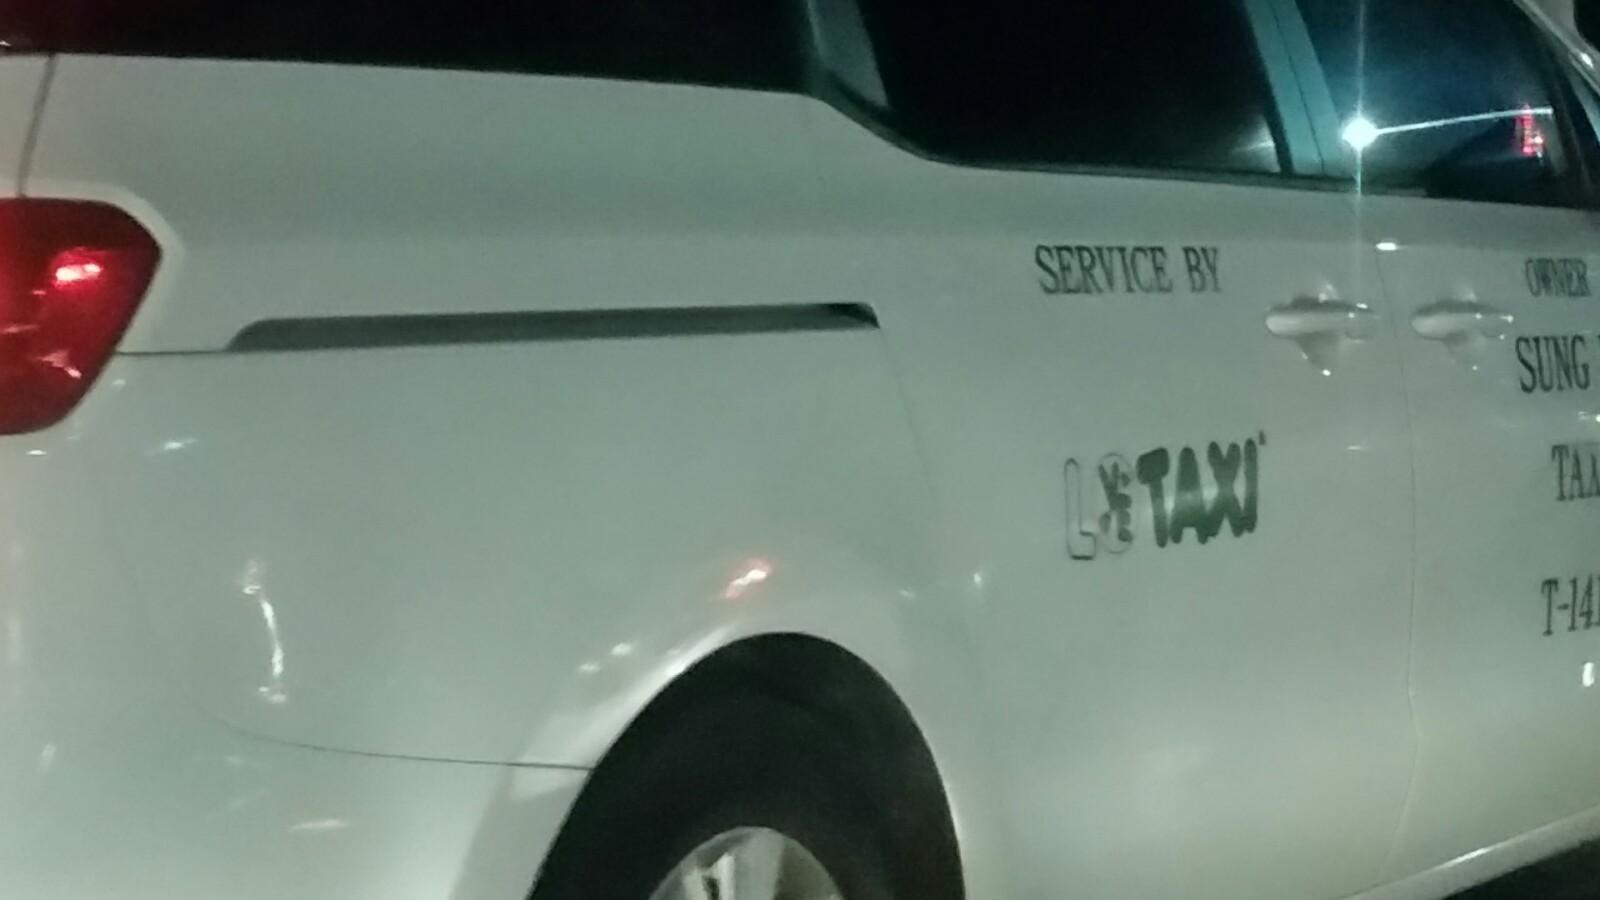 Guam Love Taxi